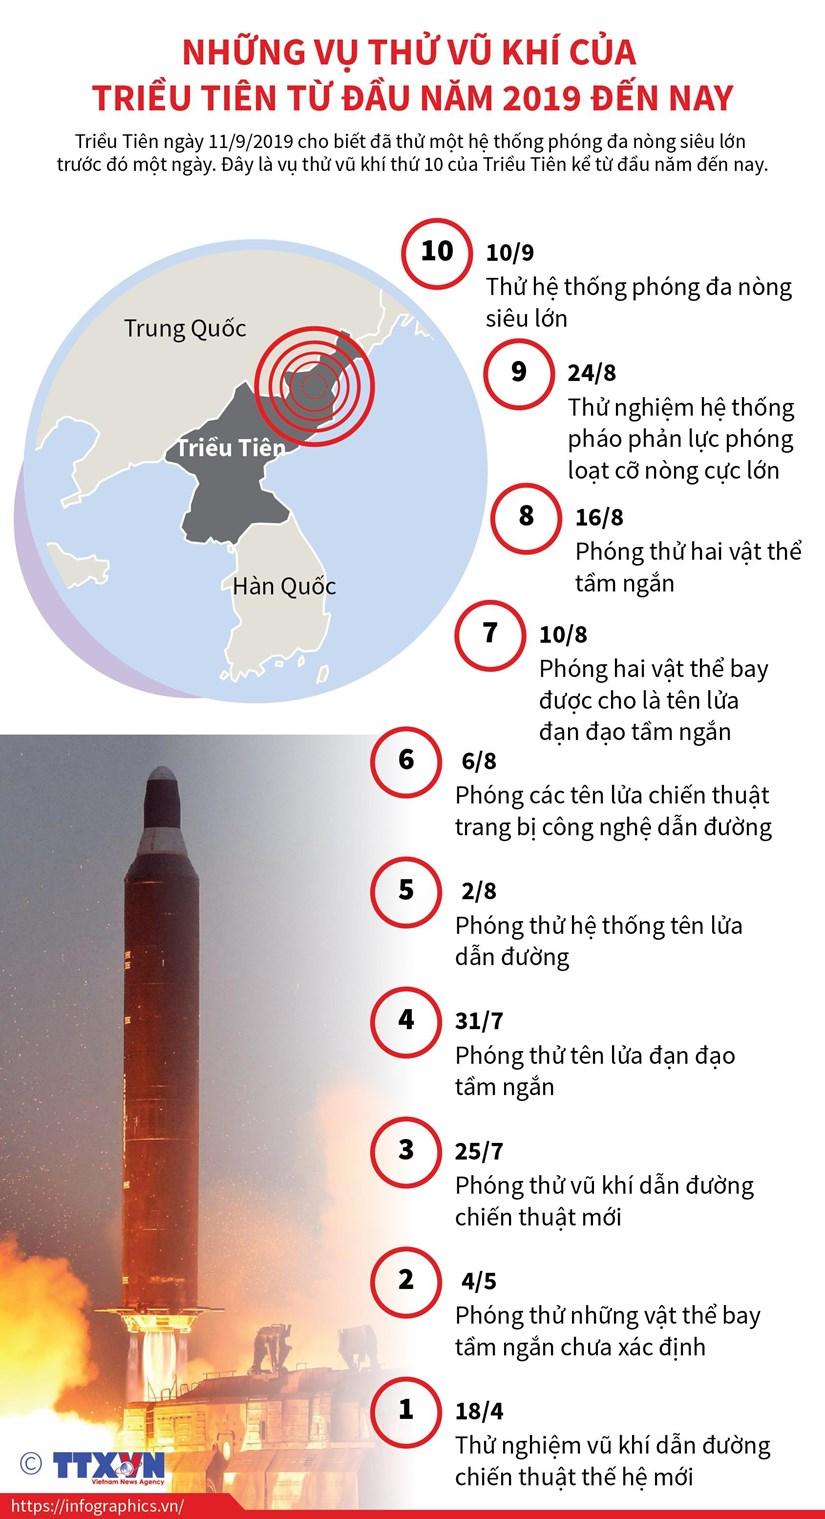 Nhung vu phong ten lua cua Trieu Tien tu dau nam 2019 den nay hinh anh 1